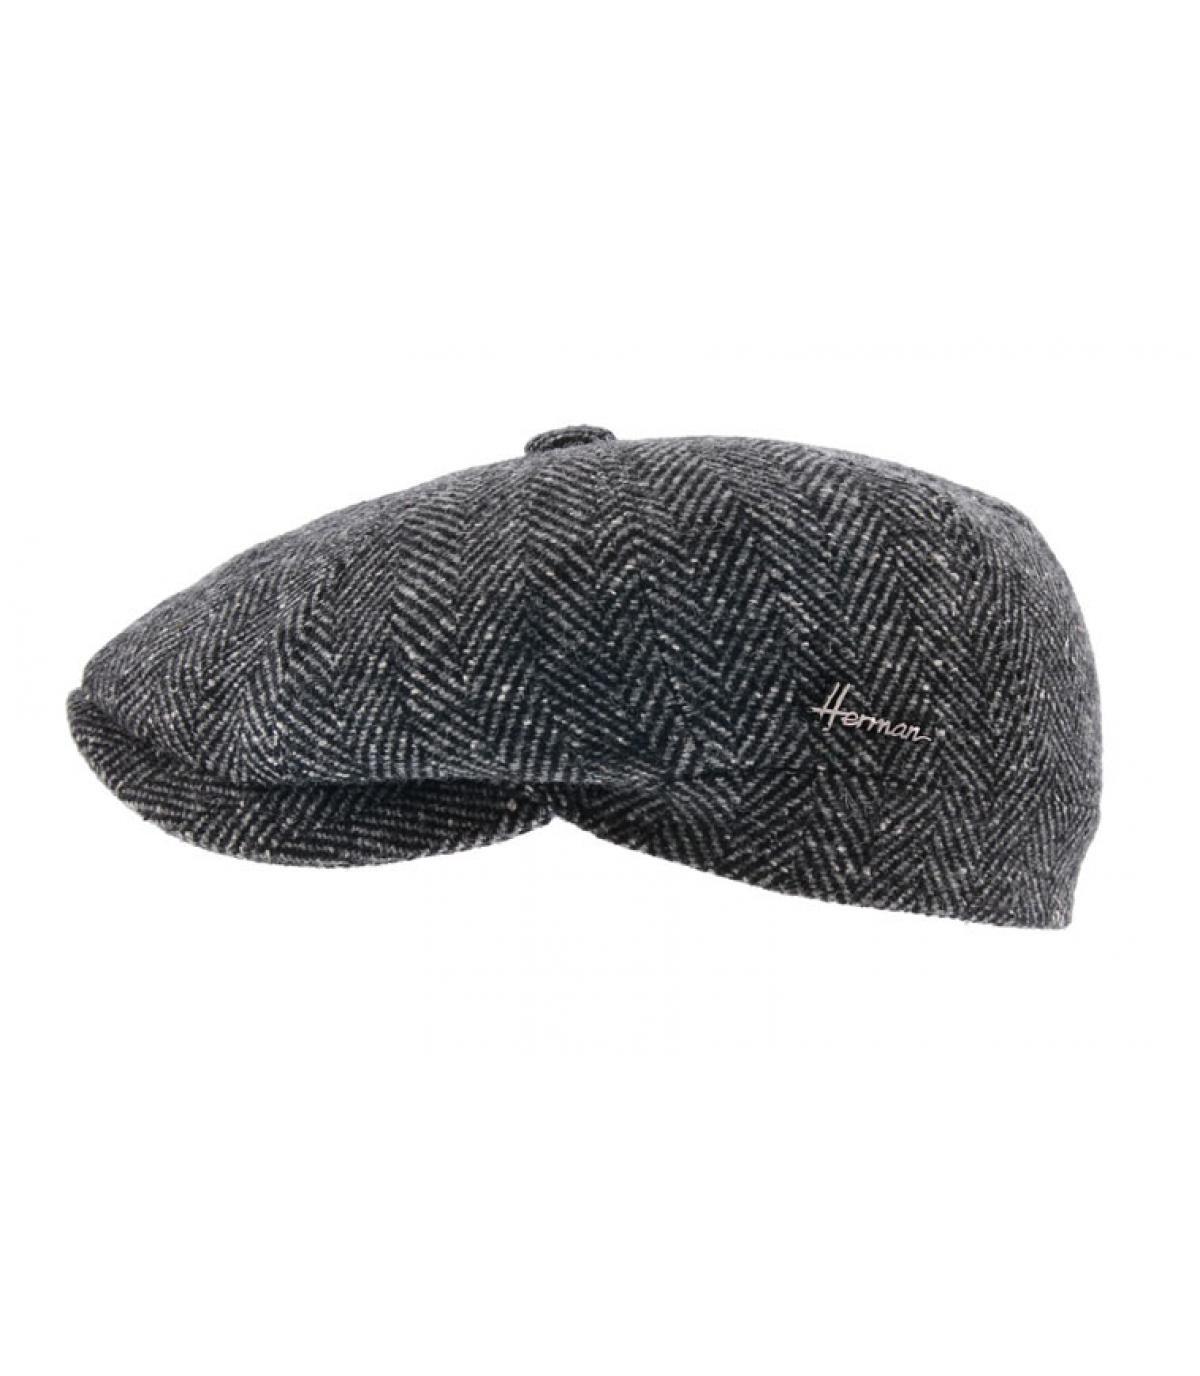 Newsboy Cap schwarz Wolle